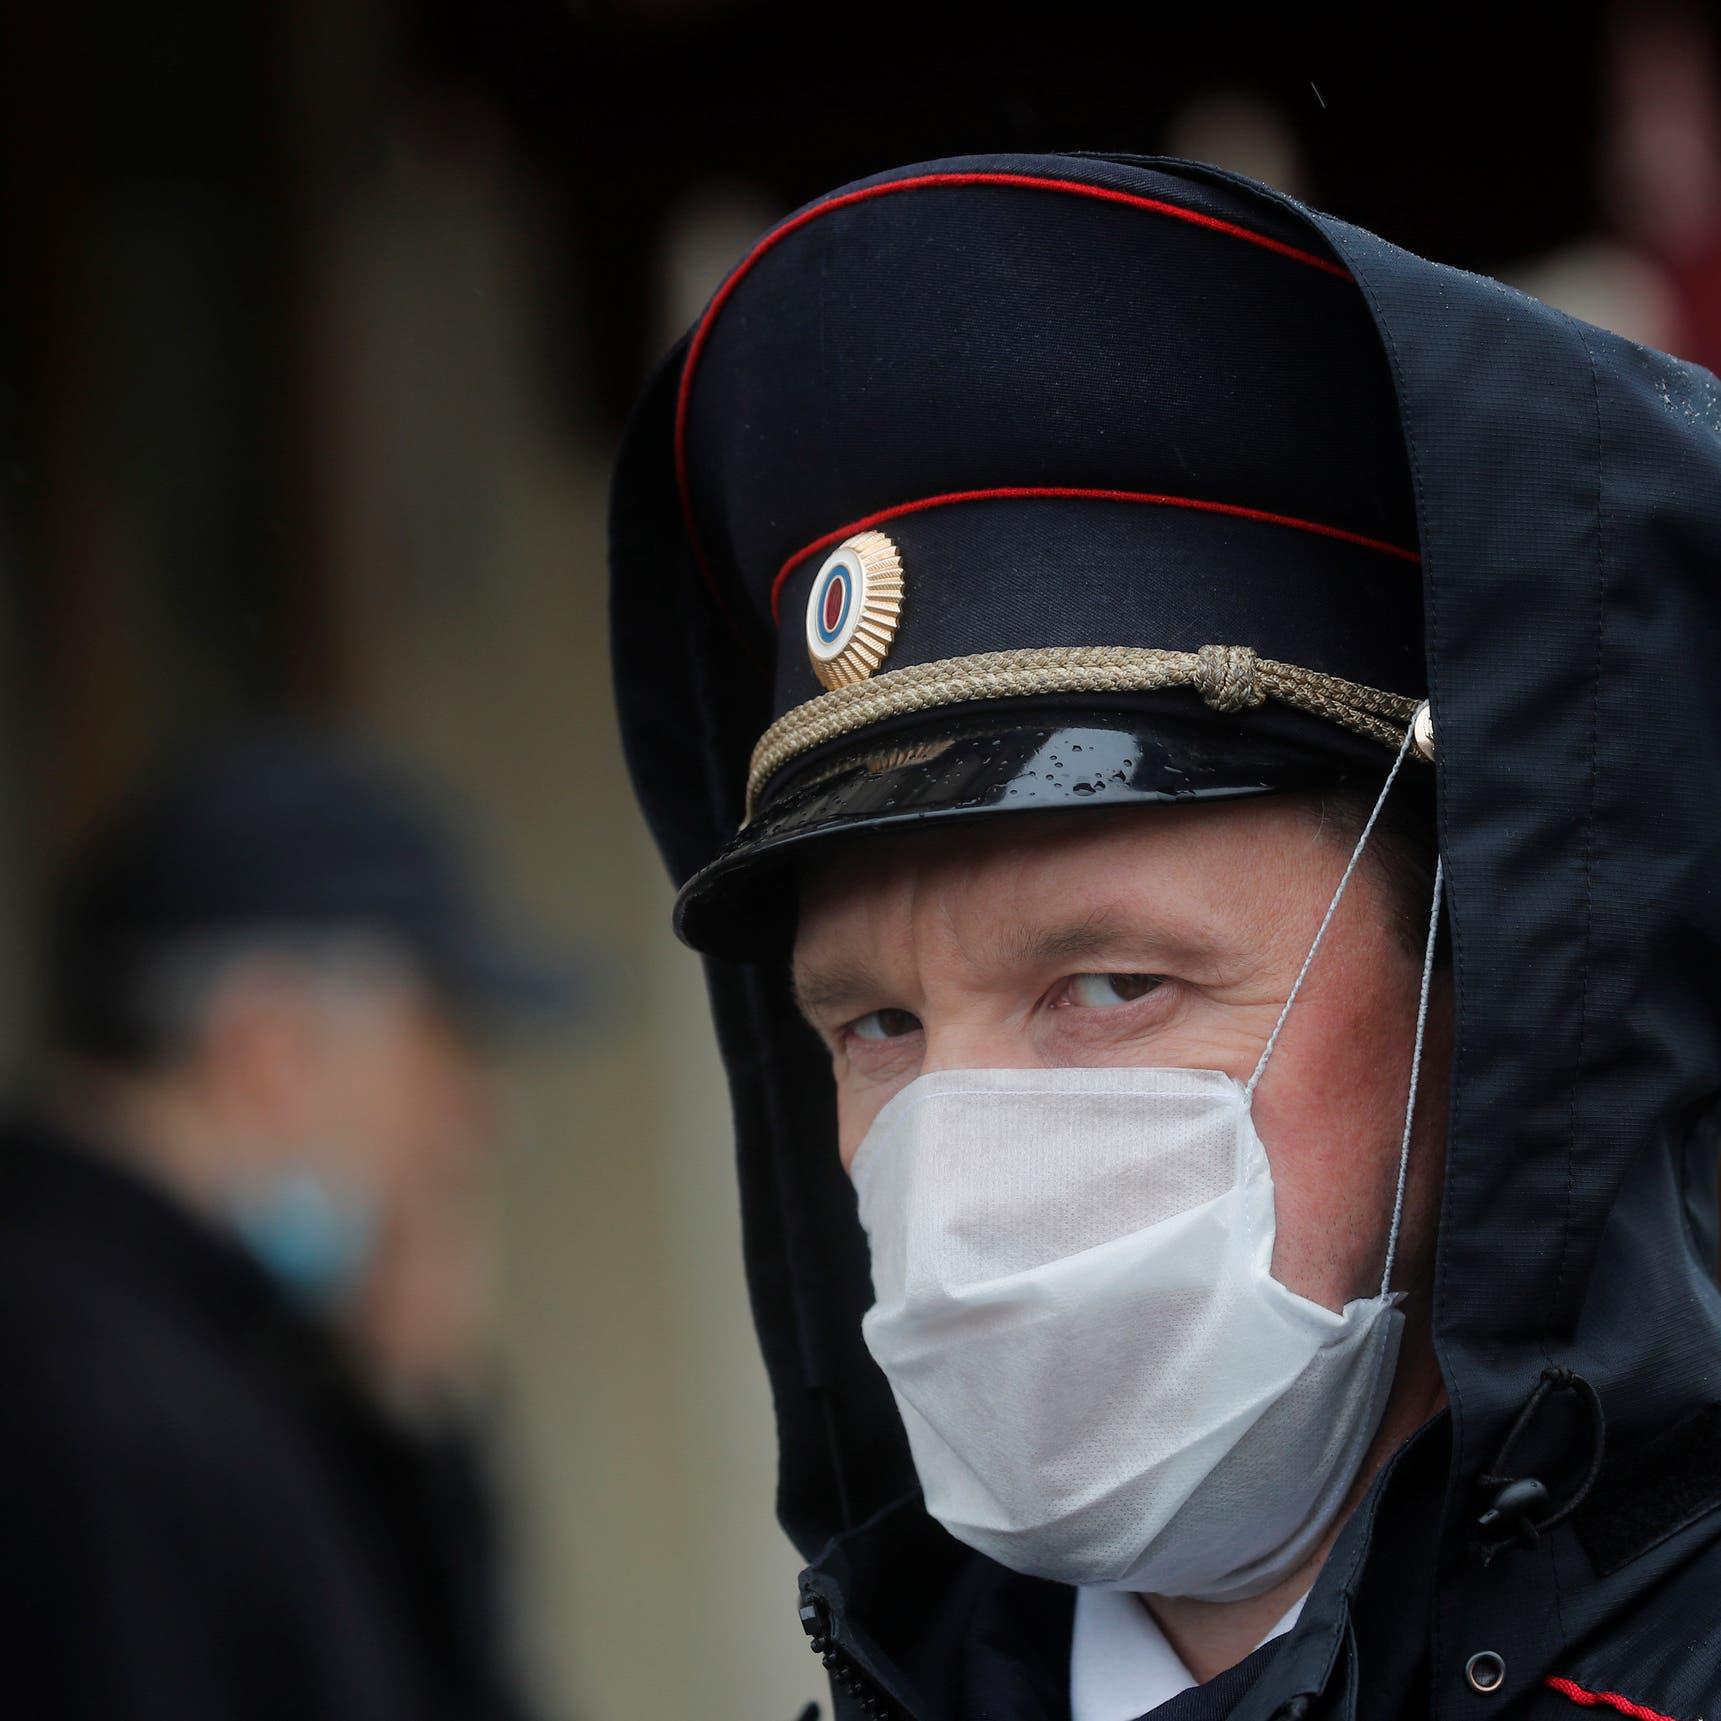 الوباء يتصاعد في روسيا.. الإصابات تتخطى 200 ألف